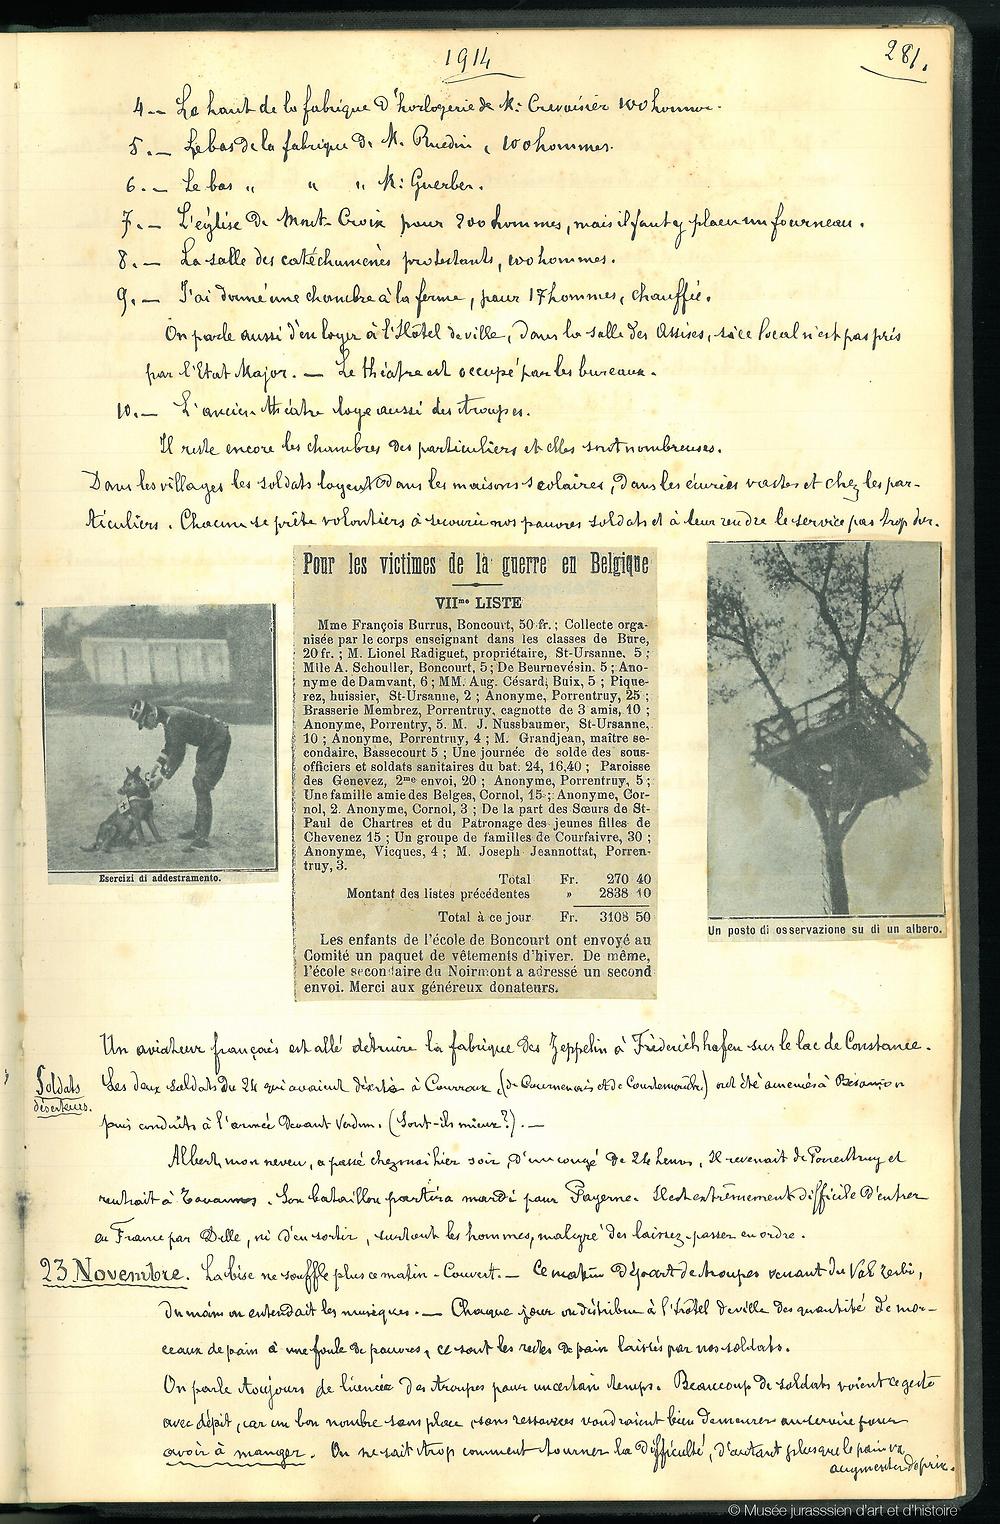 1914_novembre23_281_Copyright.png